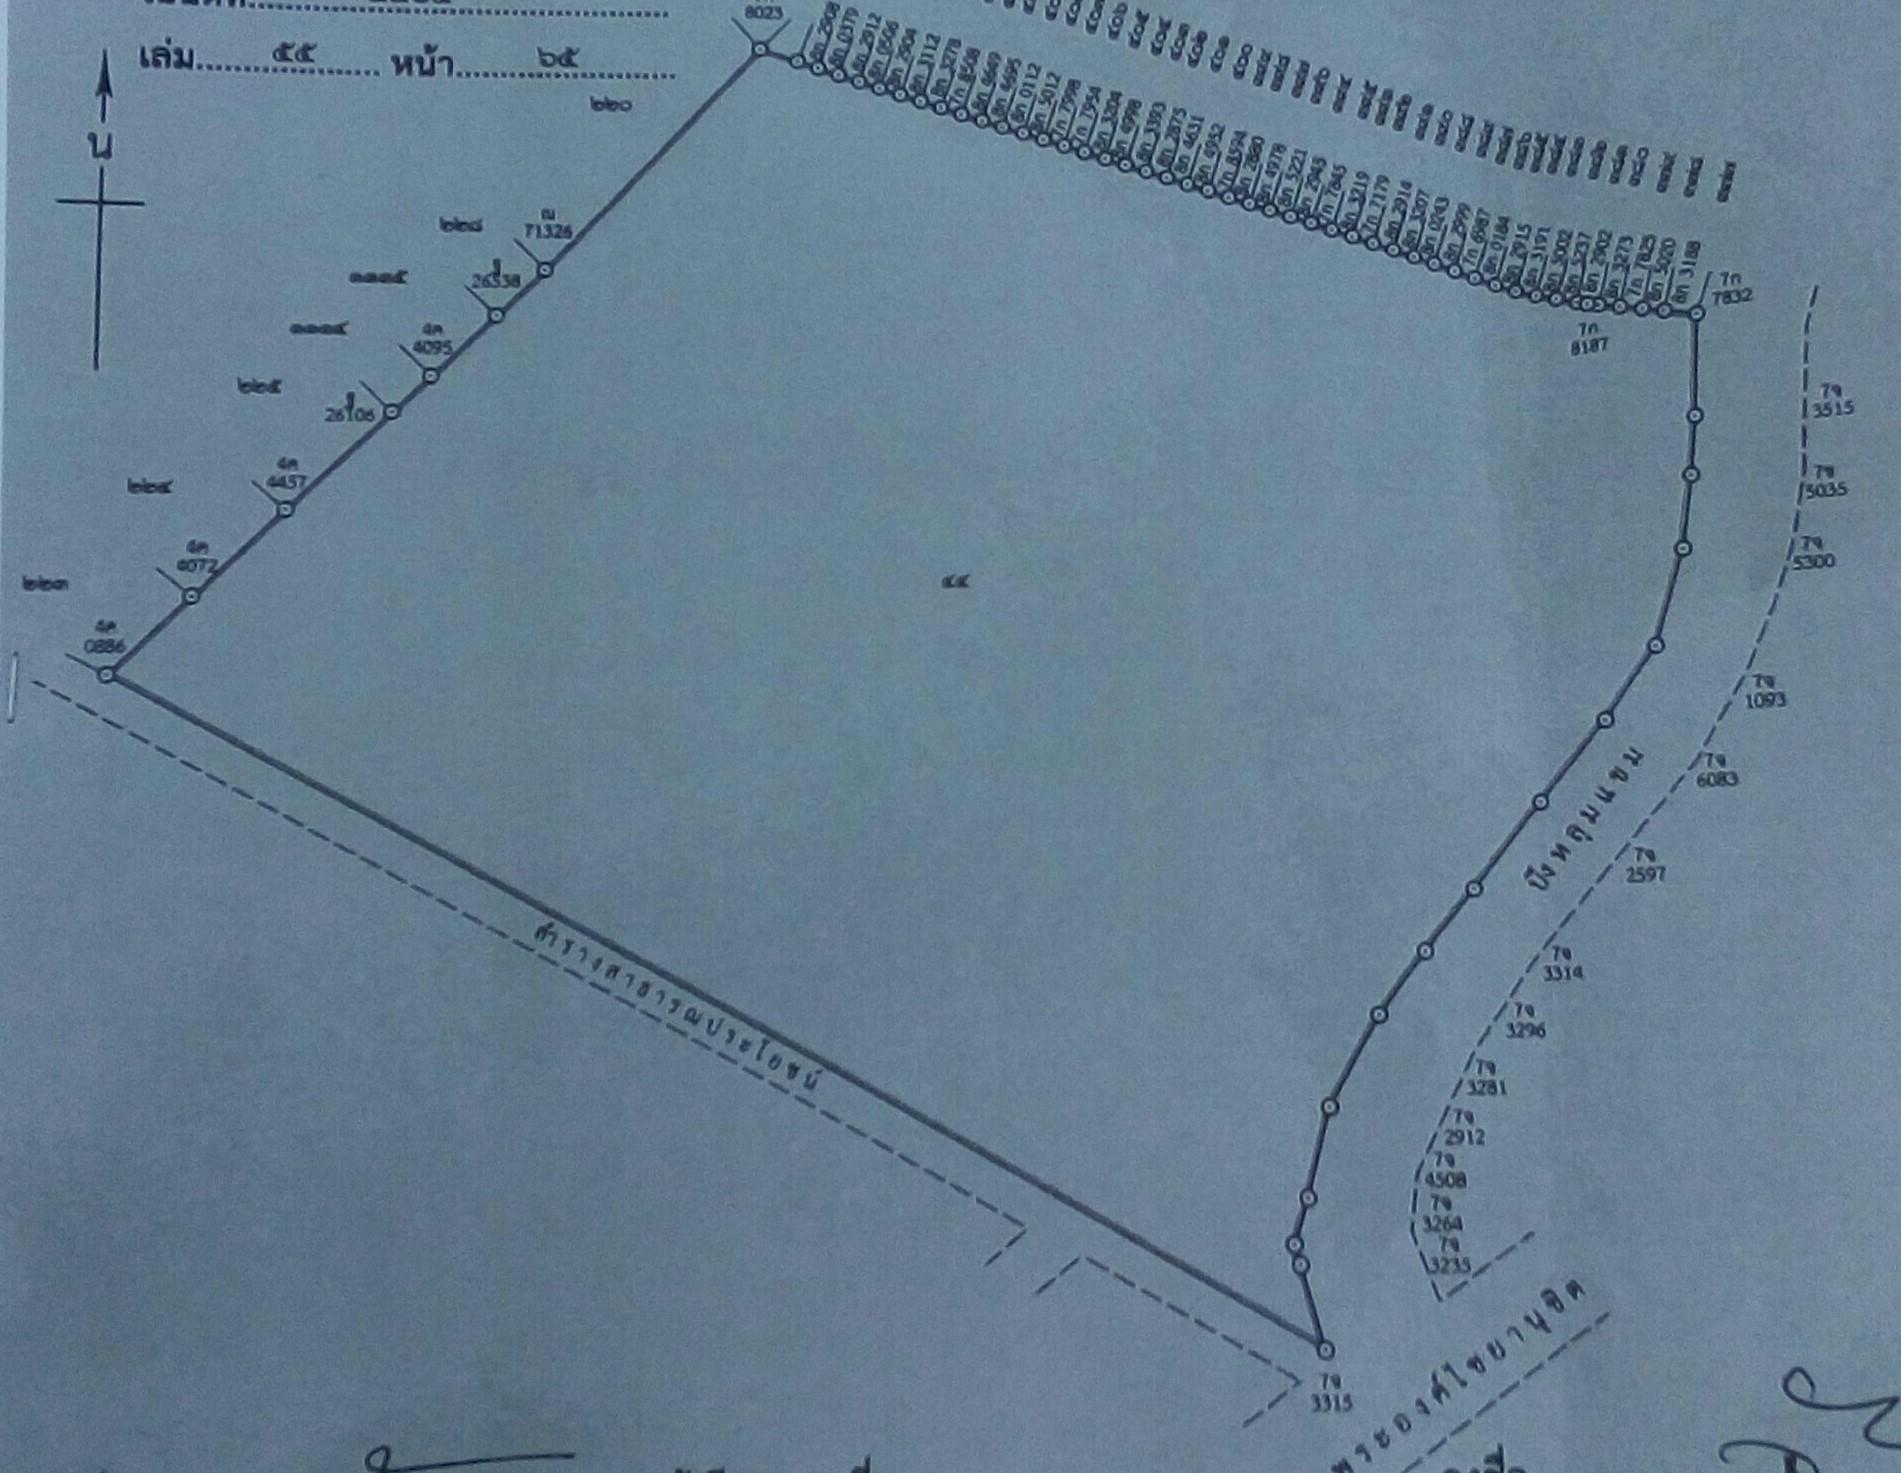 ที่ดินคลองหลวงแพ่ง ที่ดินฉะเชิงเทรา 217 ไร่ ถนนสุวินทวงศ์ ใกล้กับโรงเรียนเตรียมอุดม พัฒนาการ สุวินทวงศ์